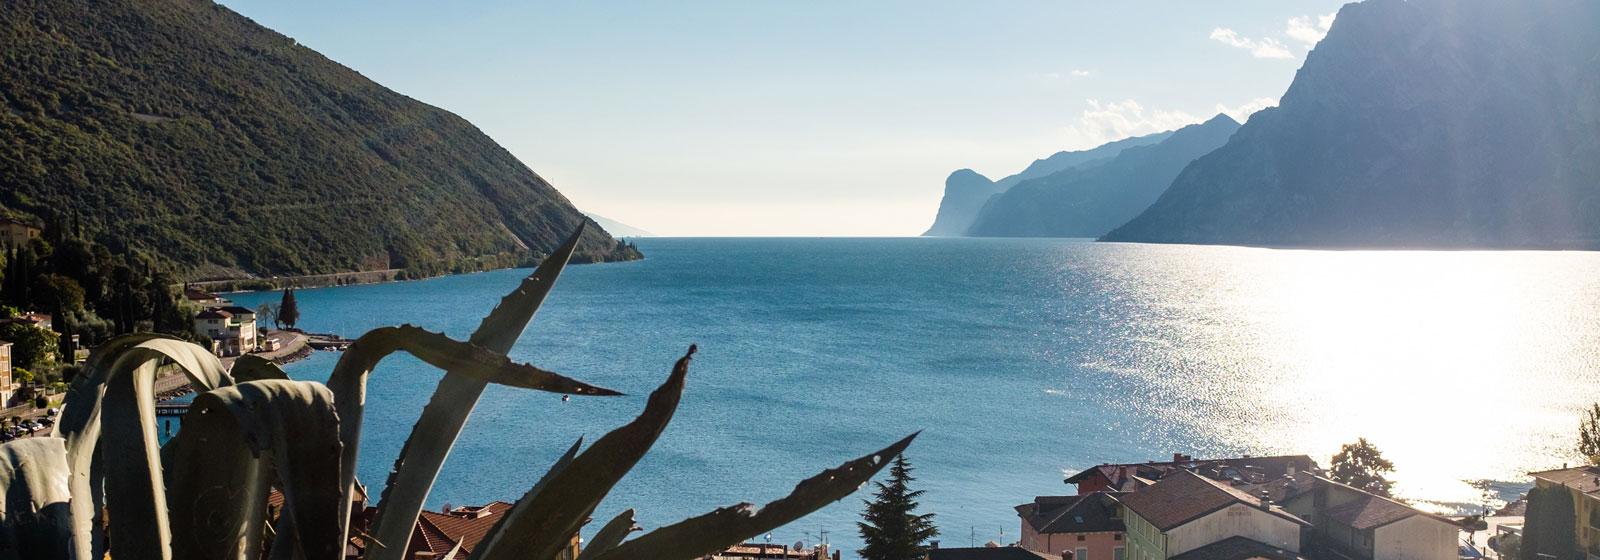 Villa Fiore Torbole Charming Apartments